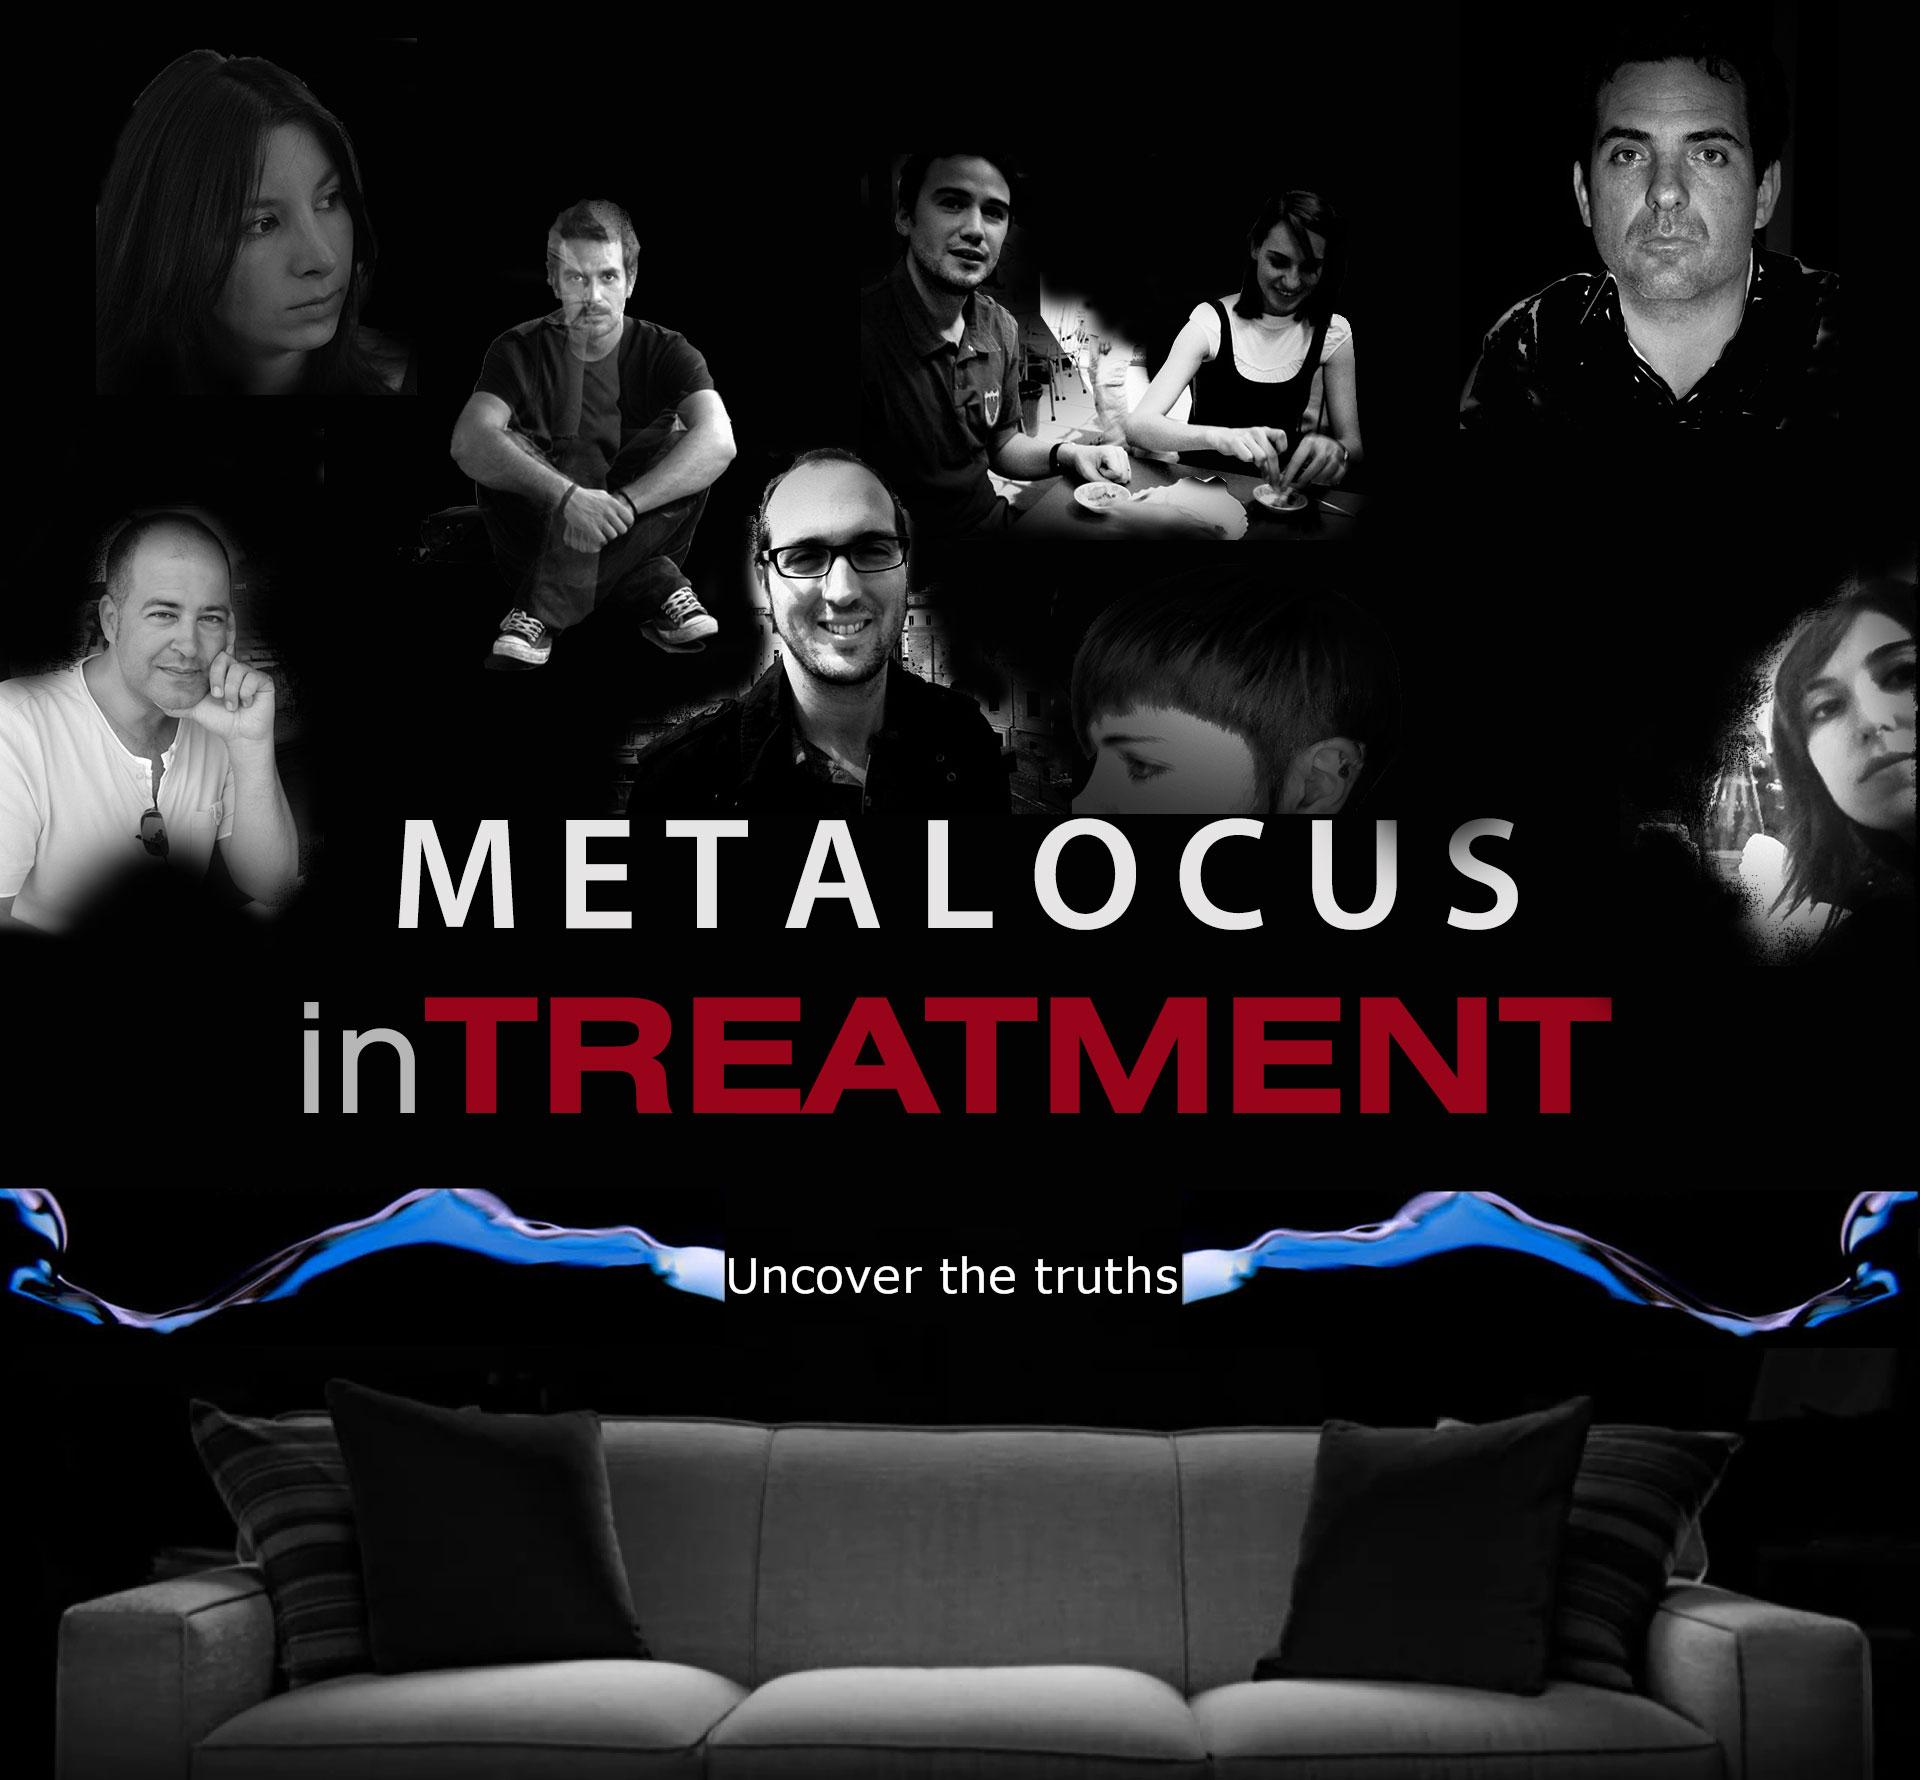 In treatment, poster METALOCUS